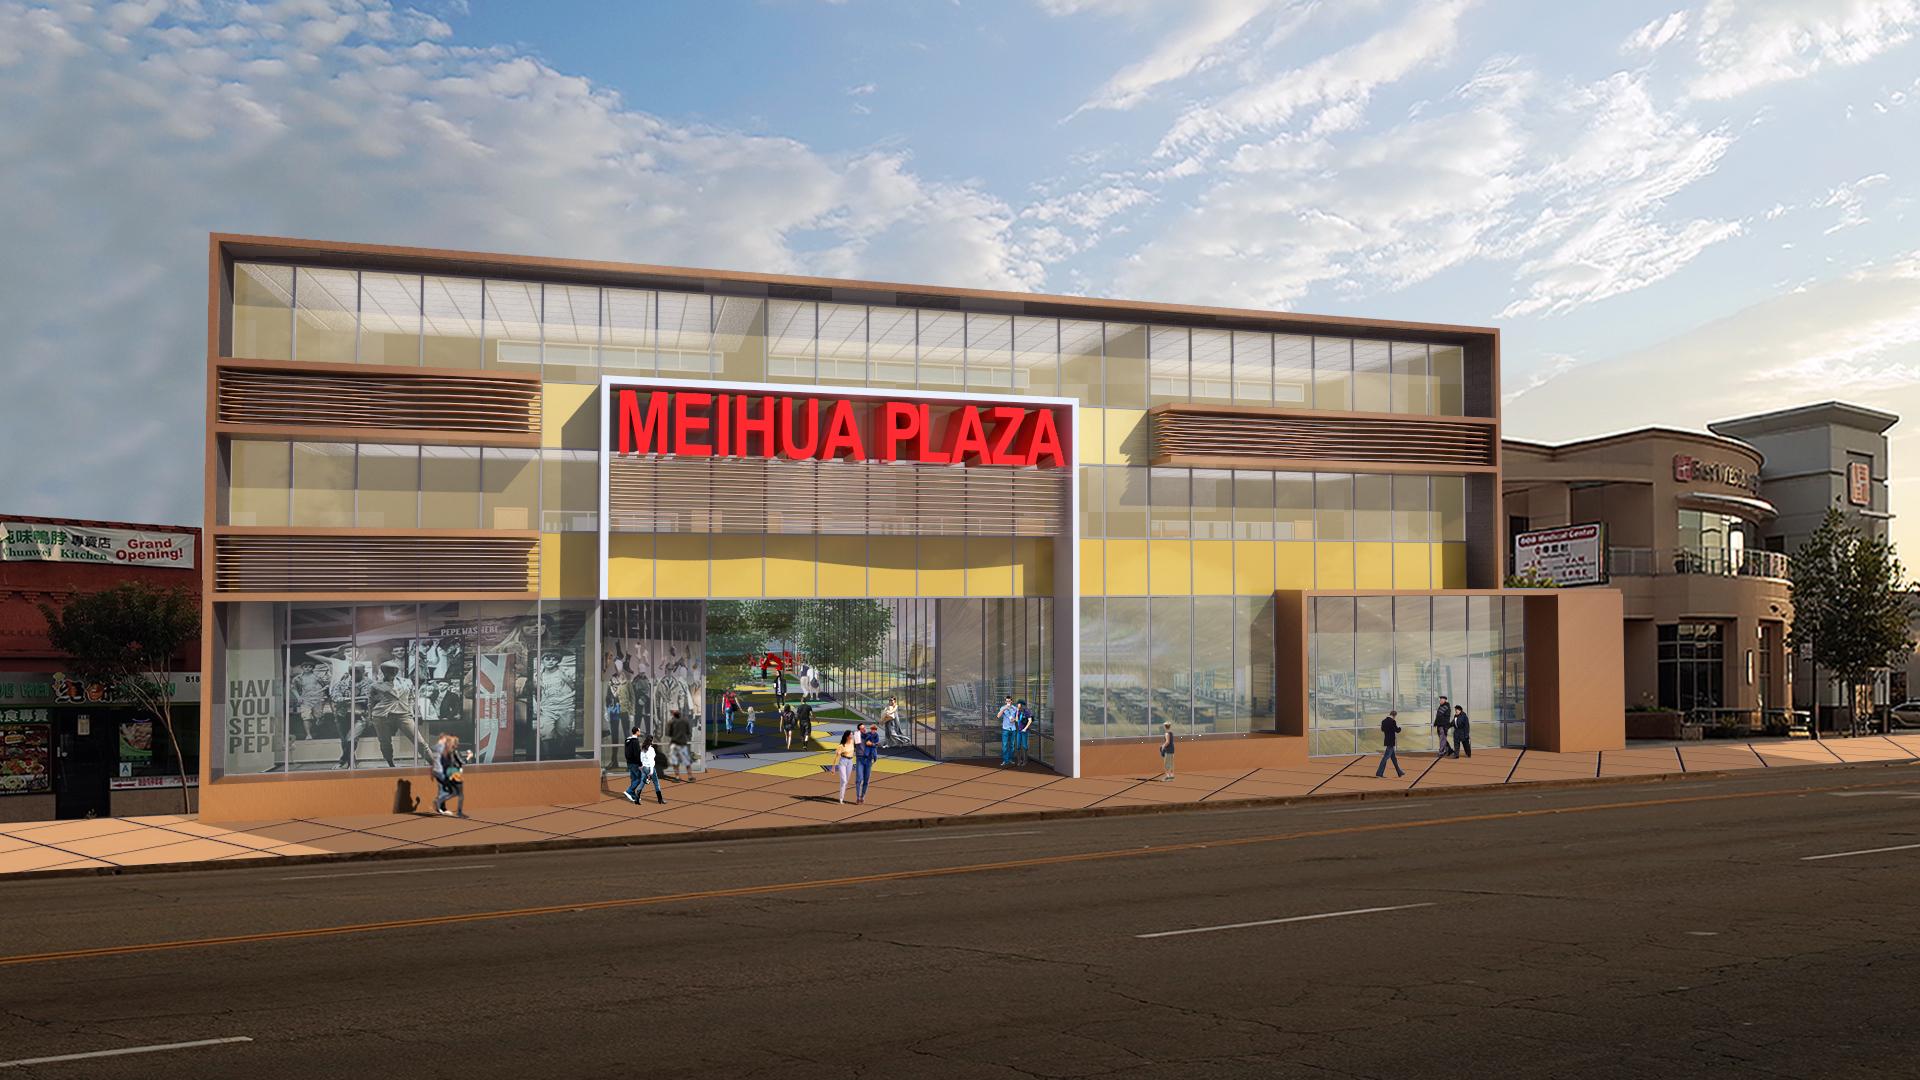 Meihua Plaza